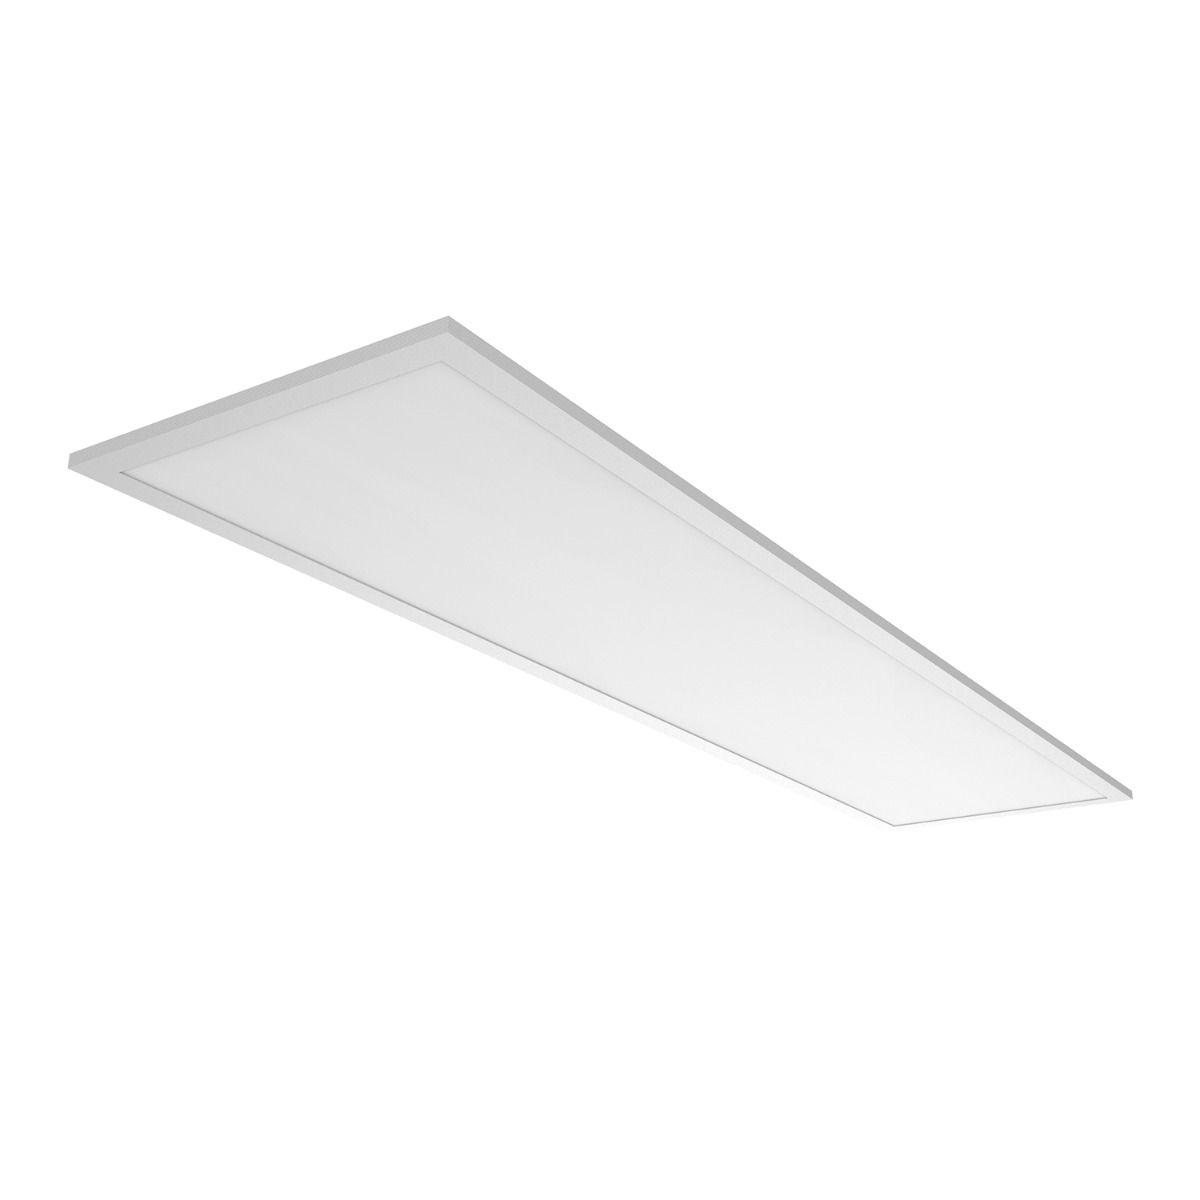 Noxion LED Panel Delta Pro V3 30W 3000K 3960lm 30x120cm UGR <22 | Warm White - Replaces 2x36W